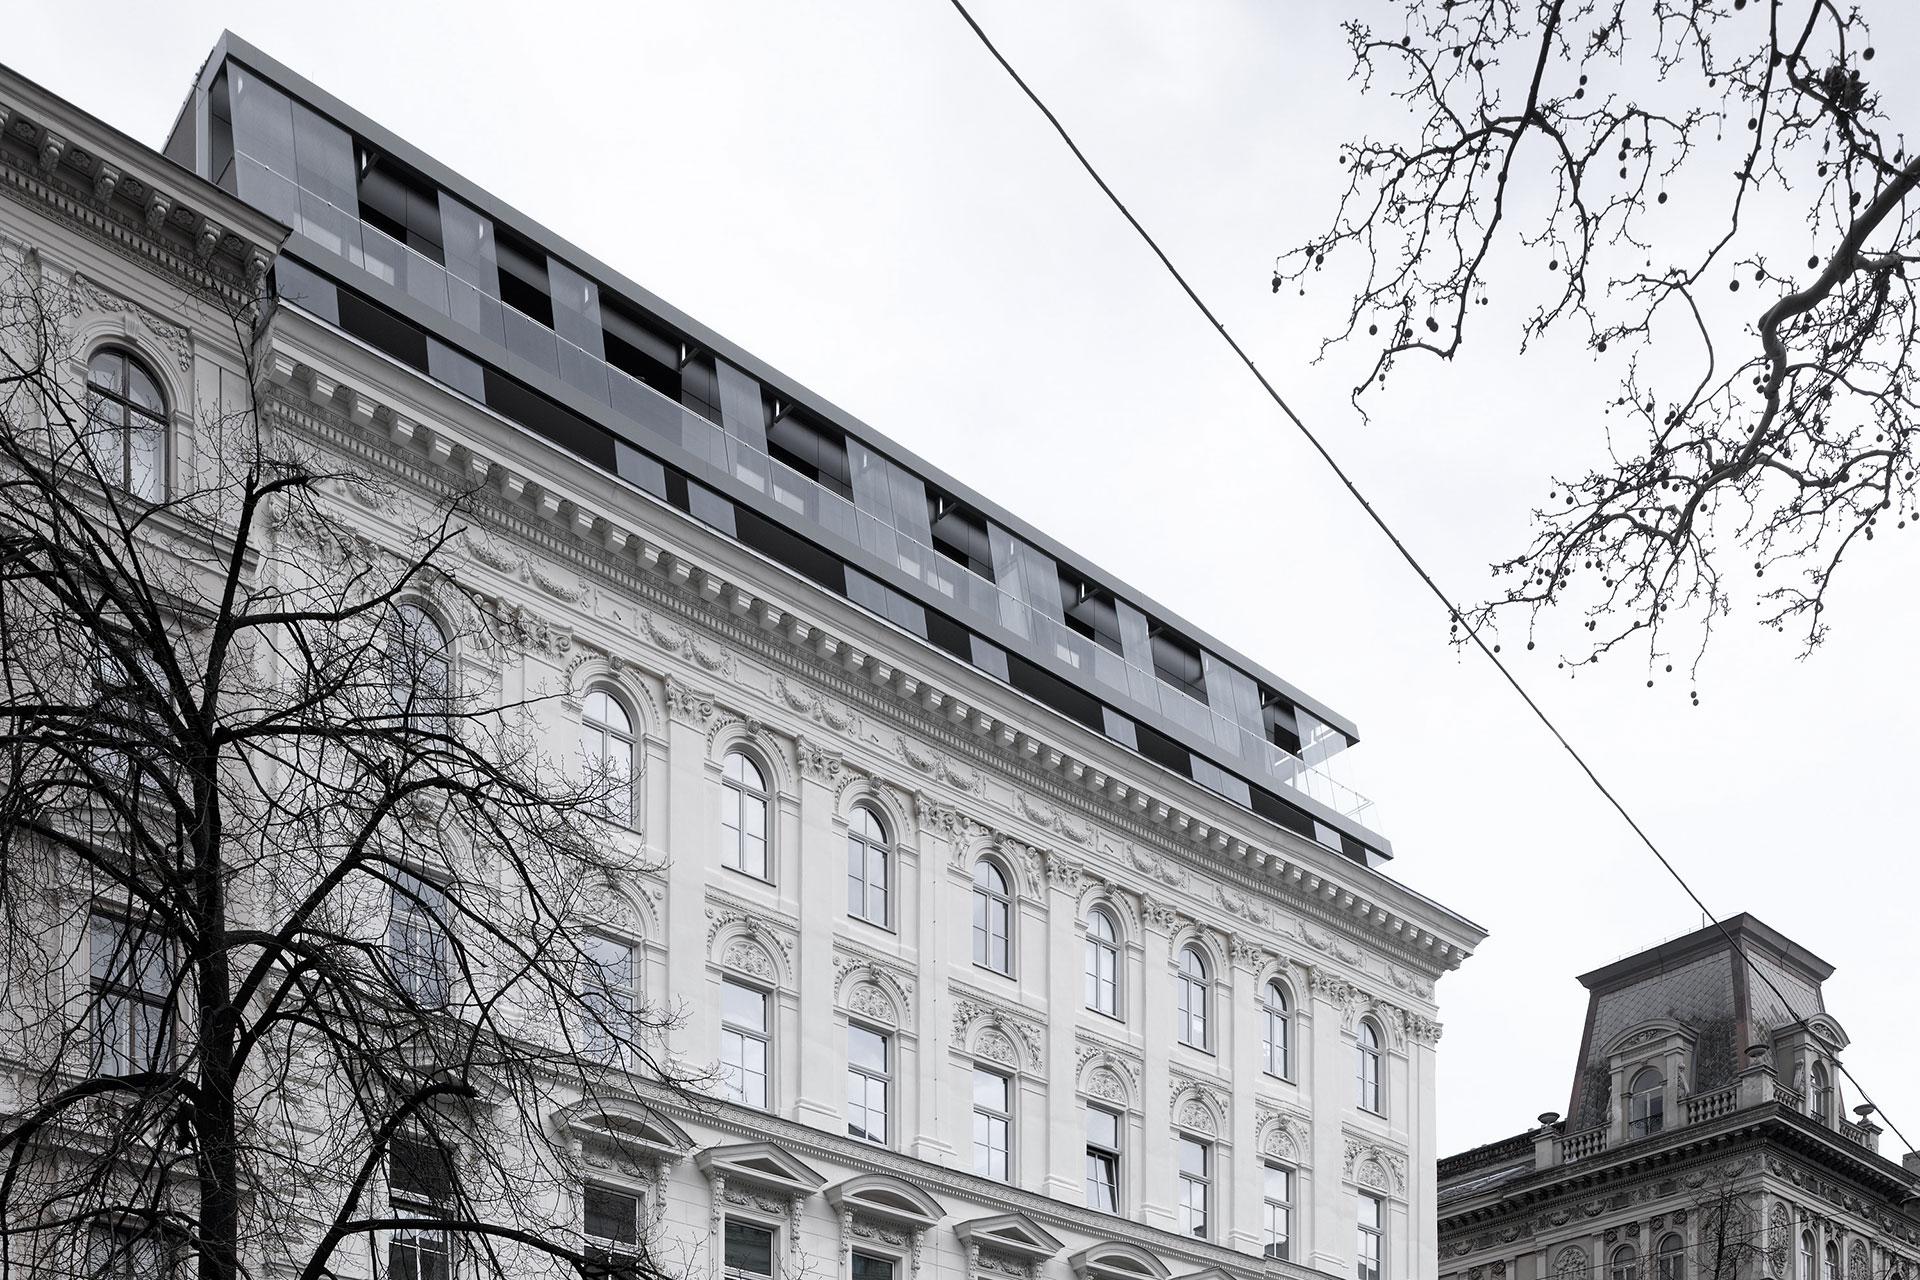 AVEST - Immobilie in der Börsegasse 10, 1010 Wien. Blick vom Straßenniveau